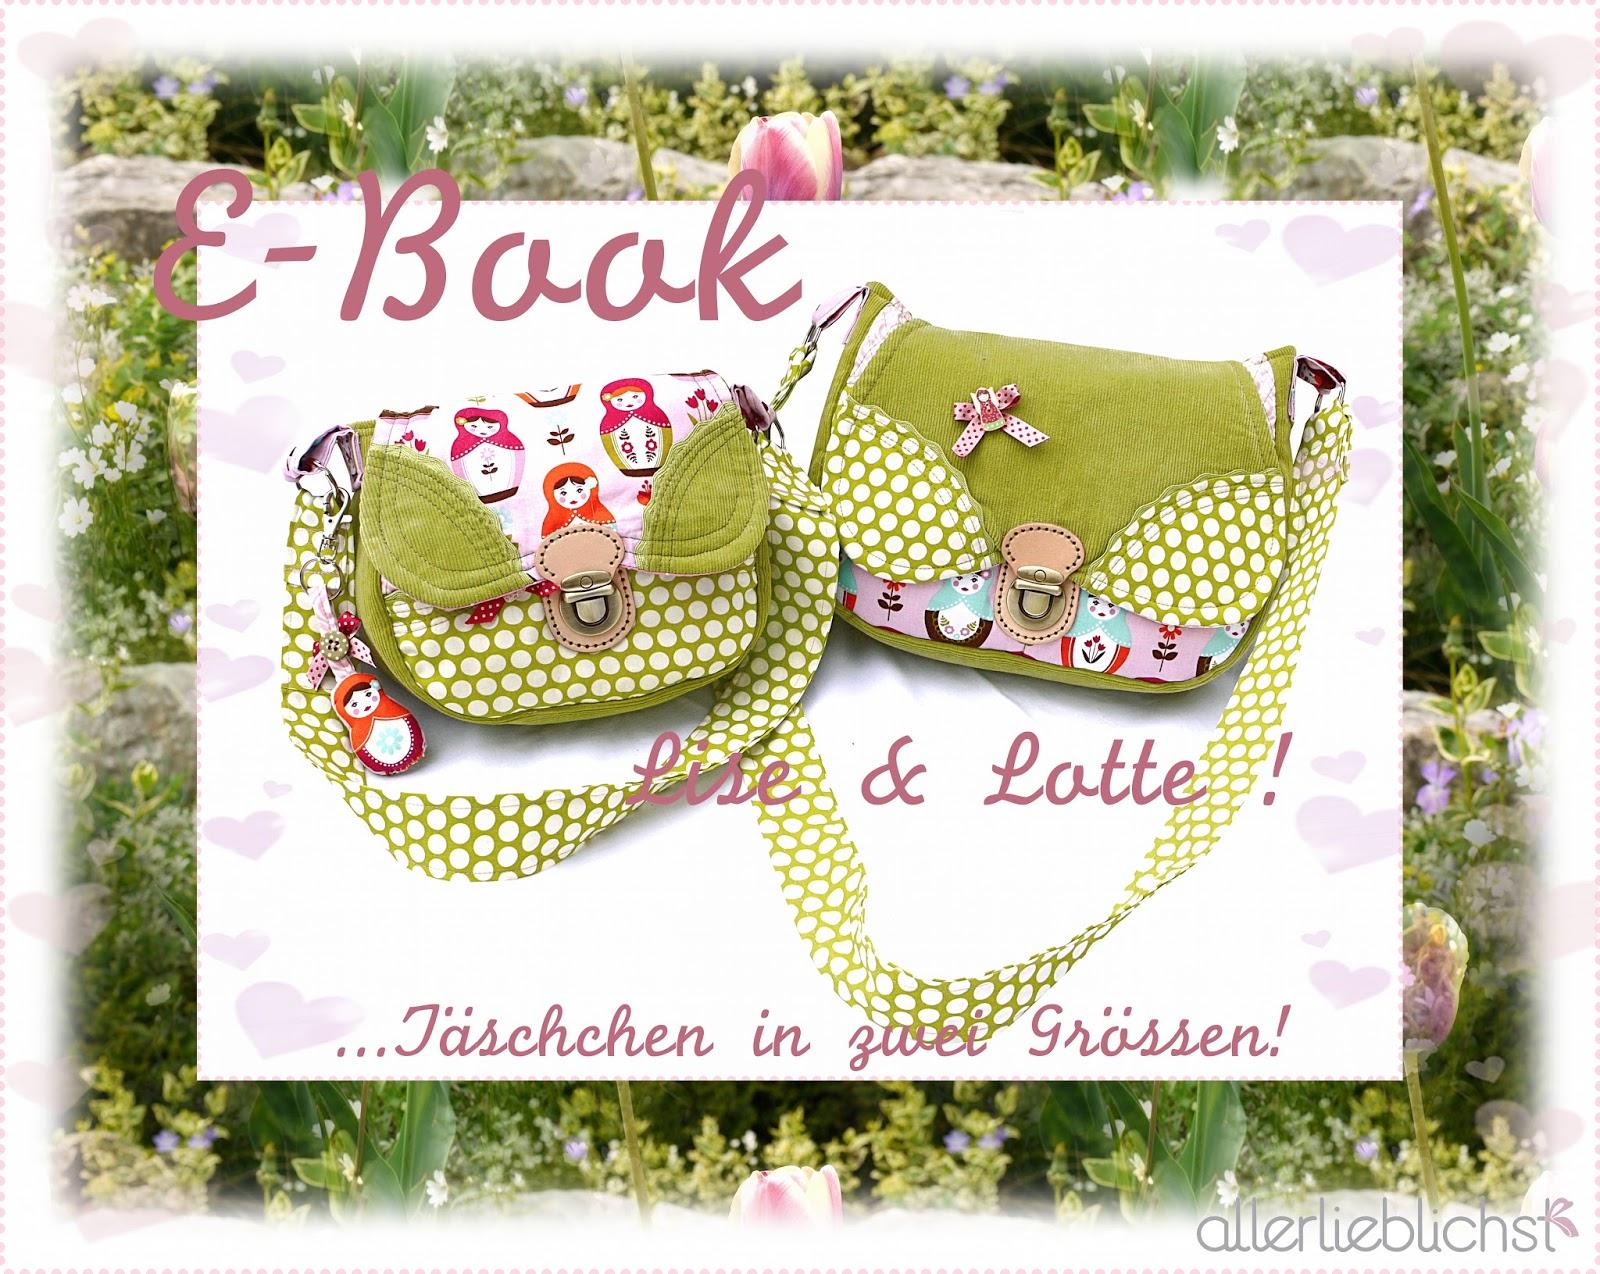 E-Book Liselotte!